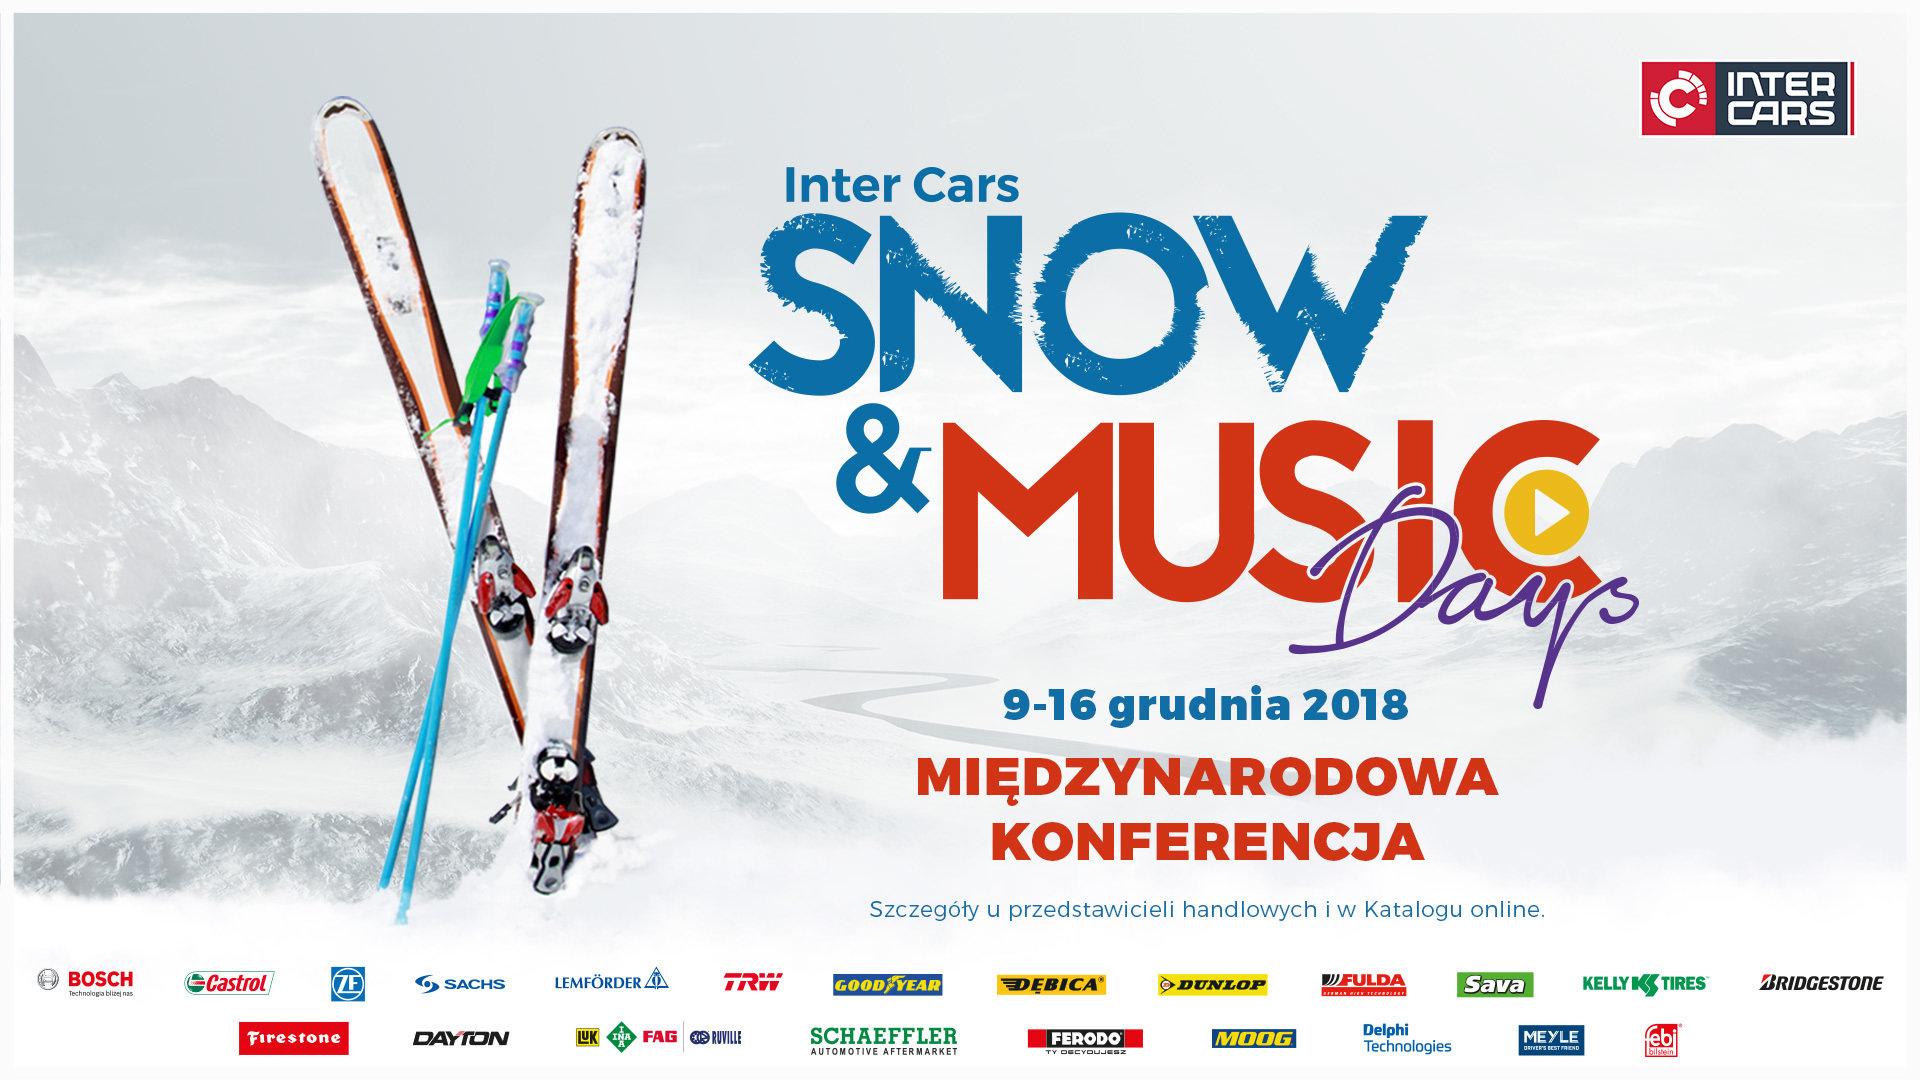 Włoskie Bormio, gospodarz Snow & Music Days 2018